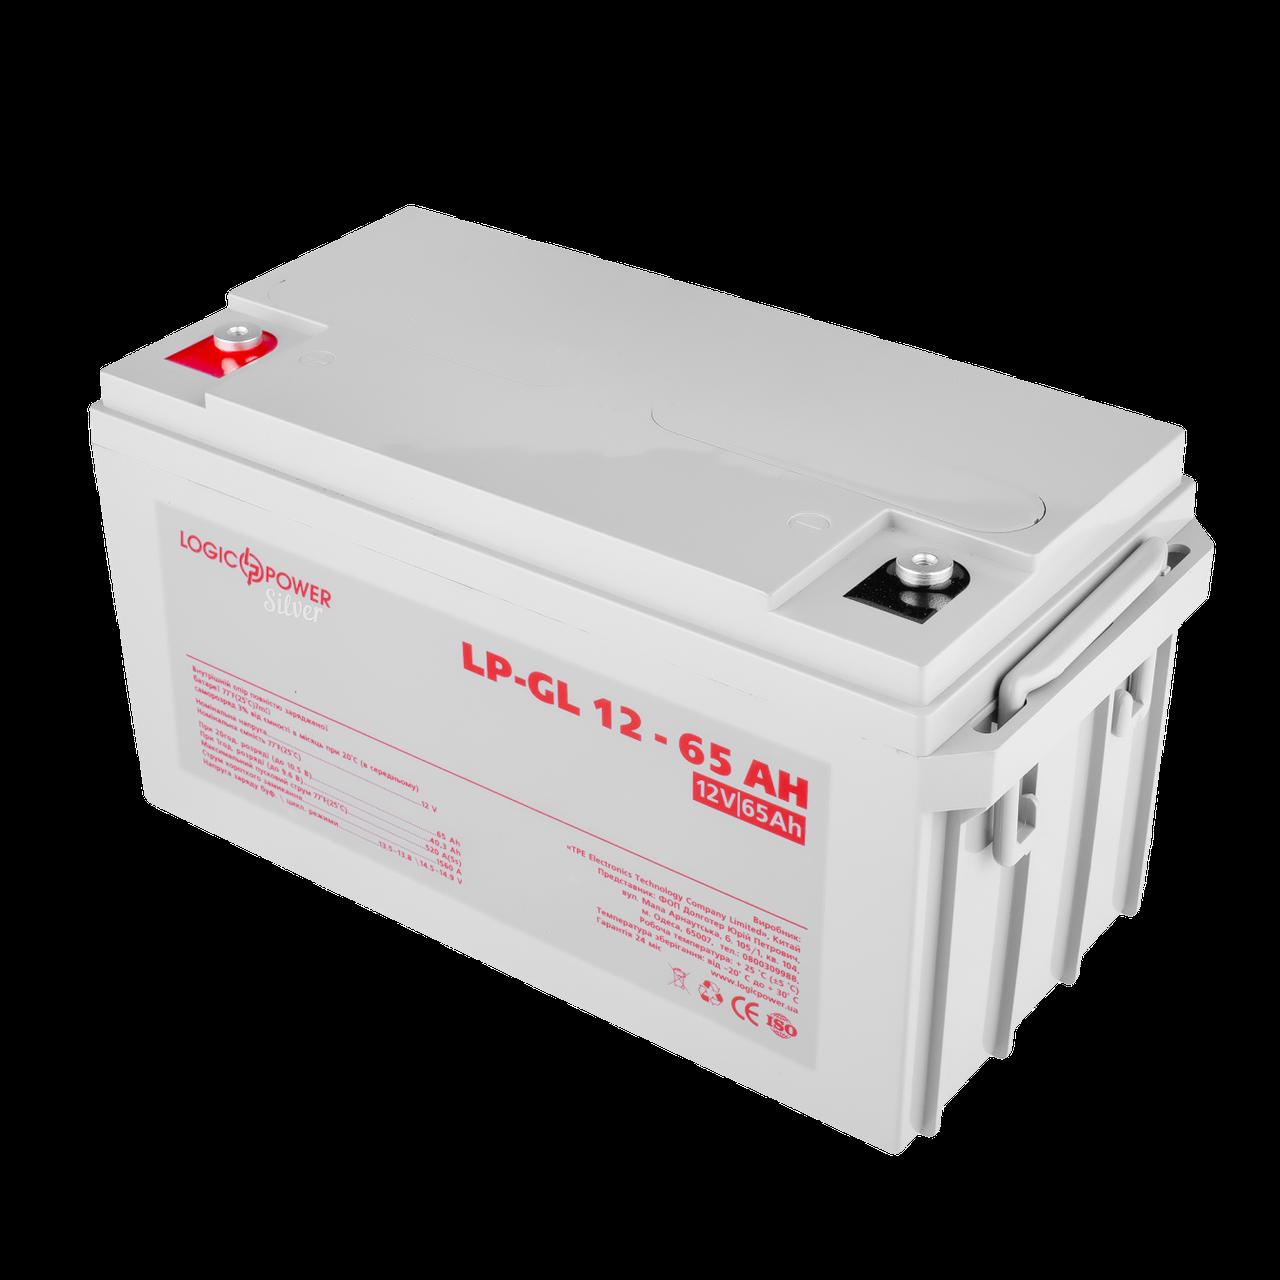 Аккумулятор гелевый  LP-GL 12 - 65 AH SILVER